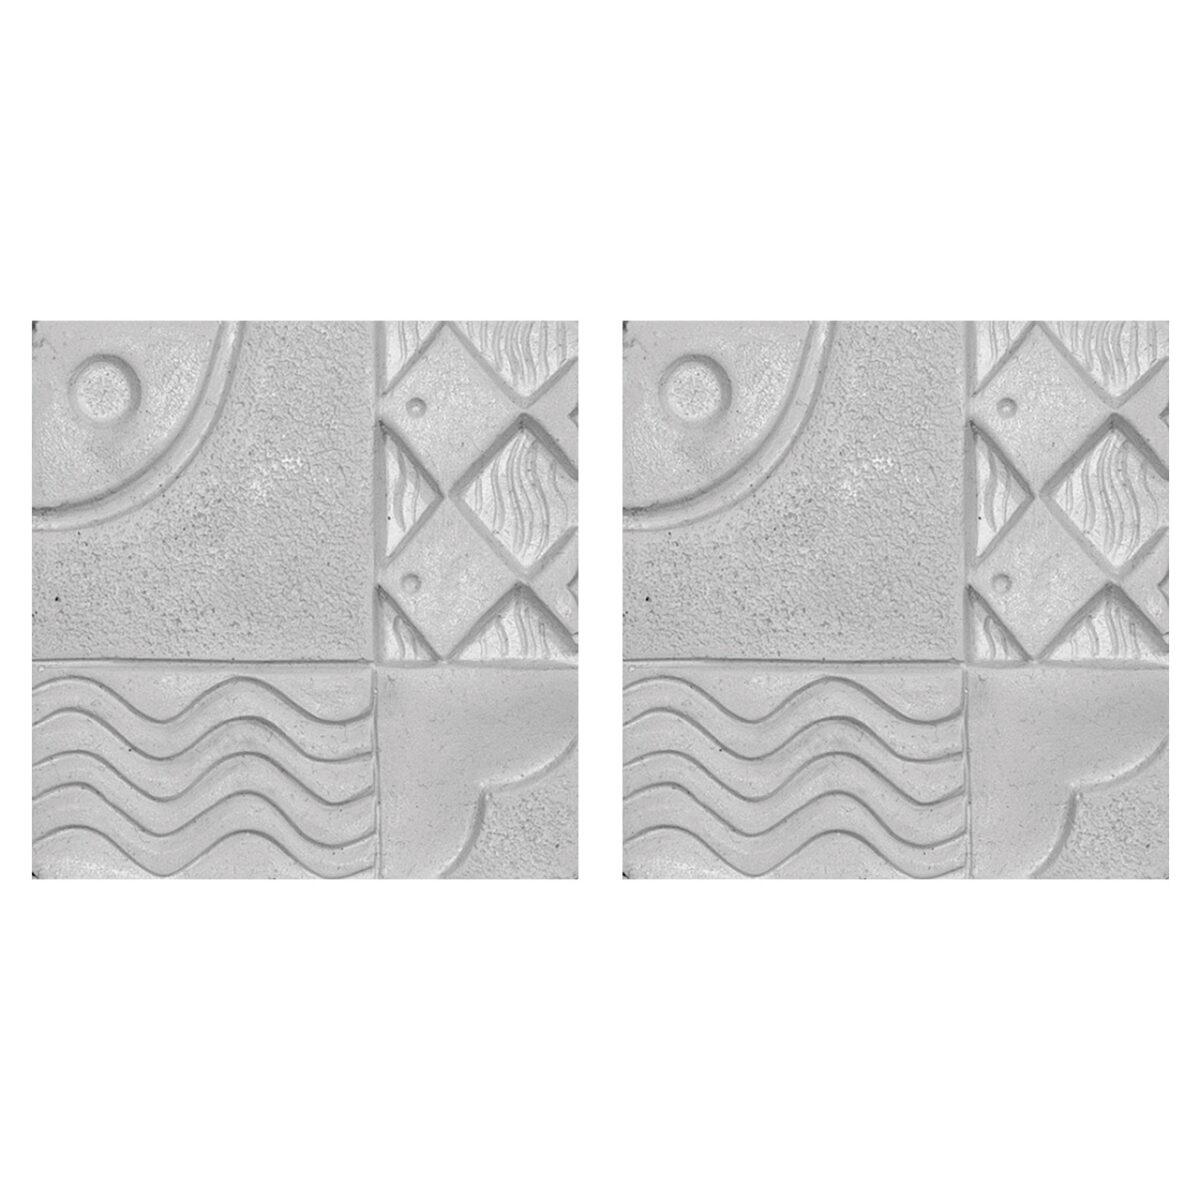 دیوارپوش تندیس و پیکره شهریار مدل آمای کد W1010-05 بسته 2 عددی